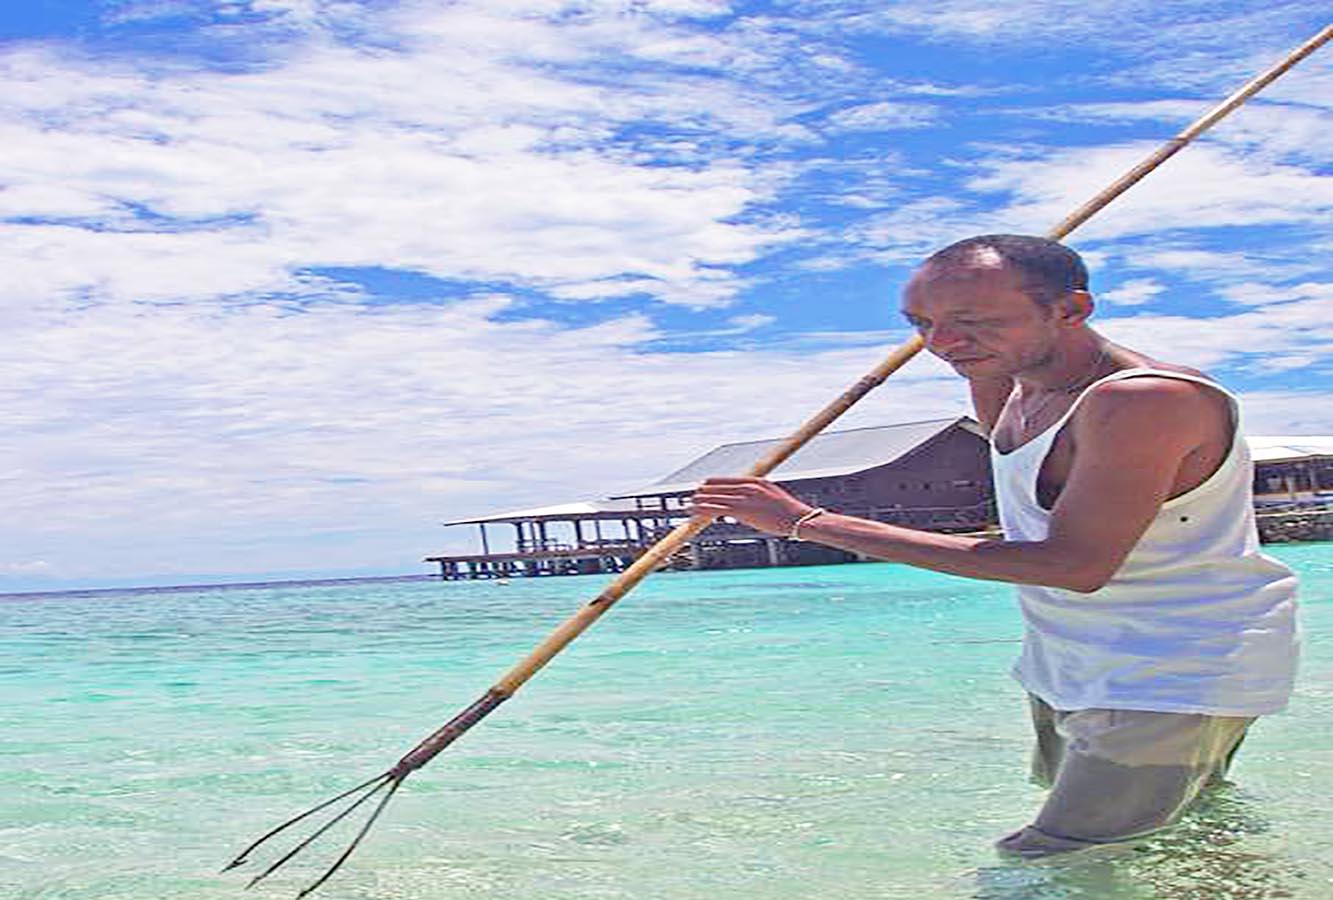 Kalawai, Senjata Tradisional Dari Maluku